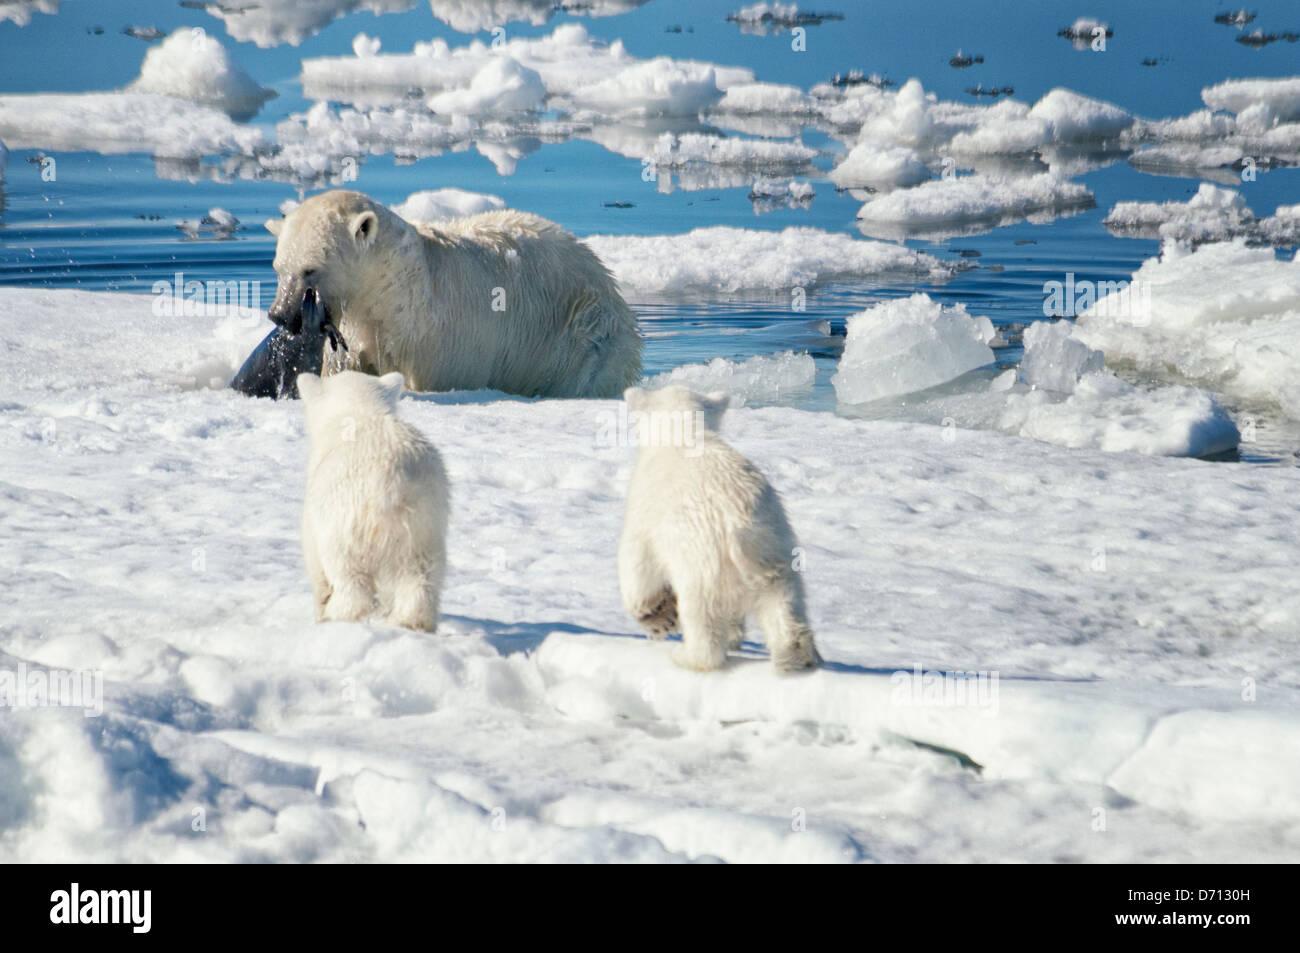 #4 d'une série de dix images d'une mère Ours blanc, Ursus maritimus, traquant un sceau pour Photo Stock